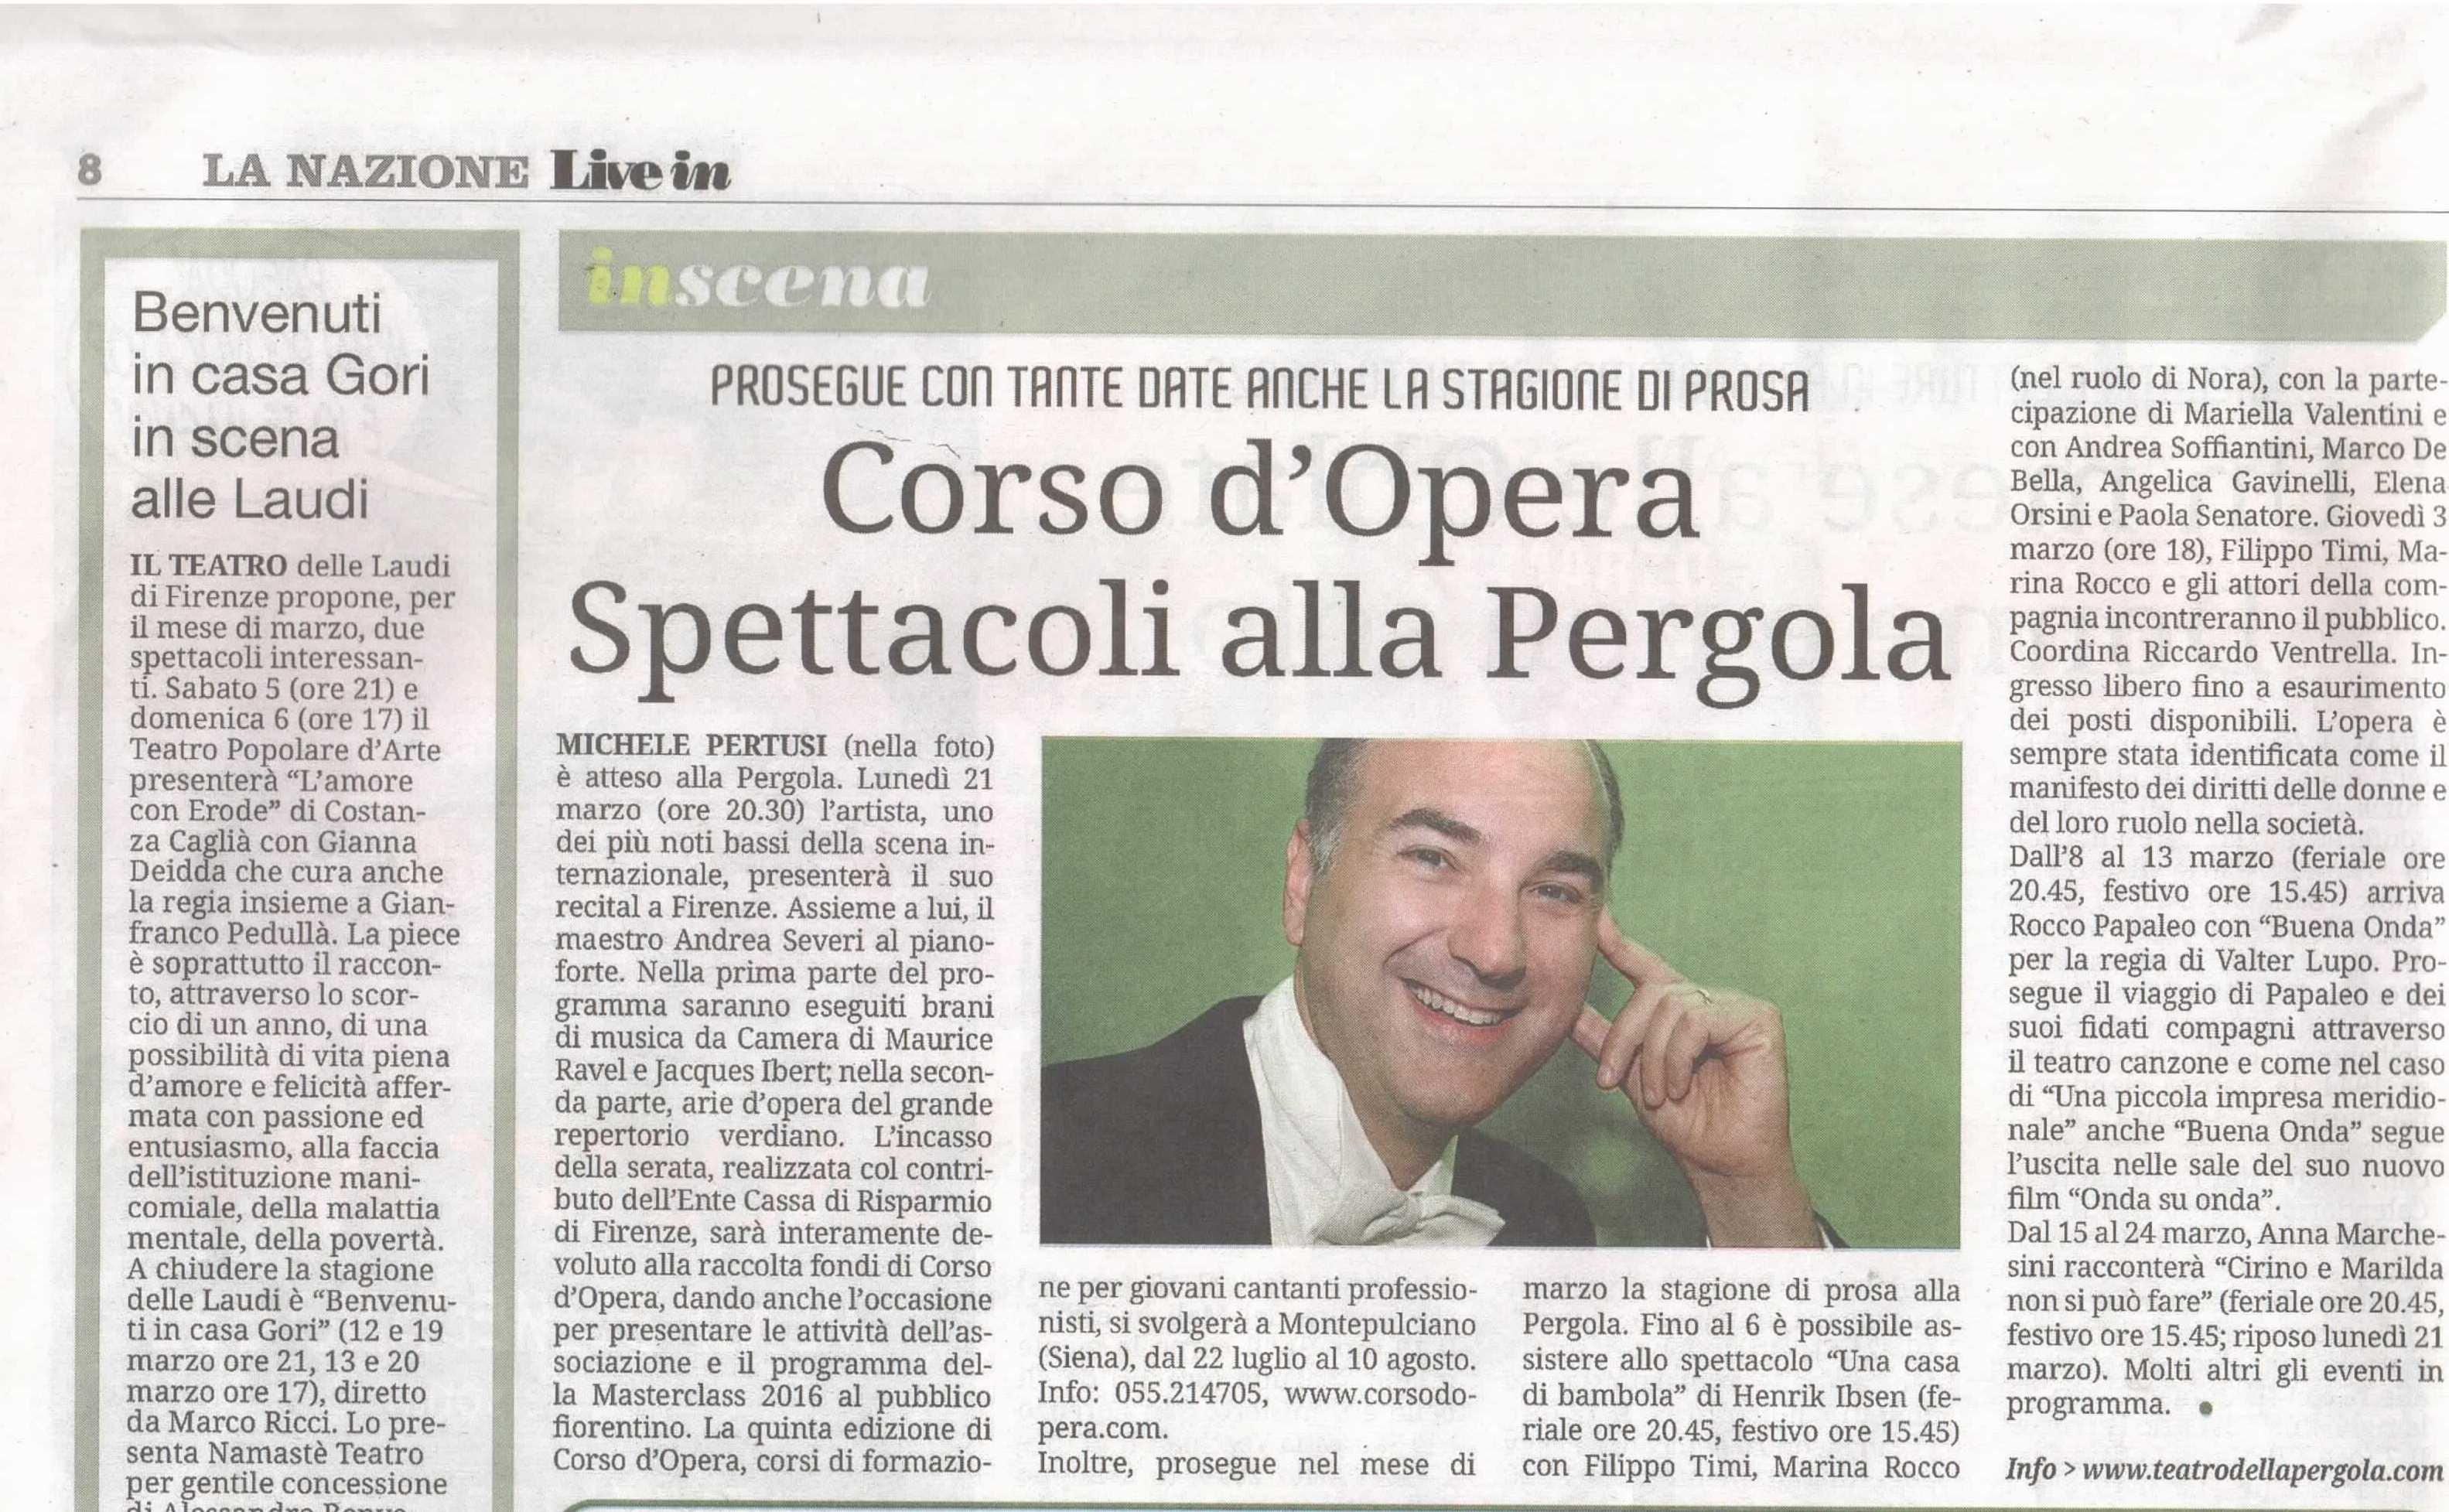 1486036800.9467_La Nazione-Articolo Recital Pertusi